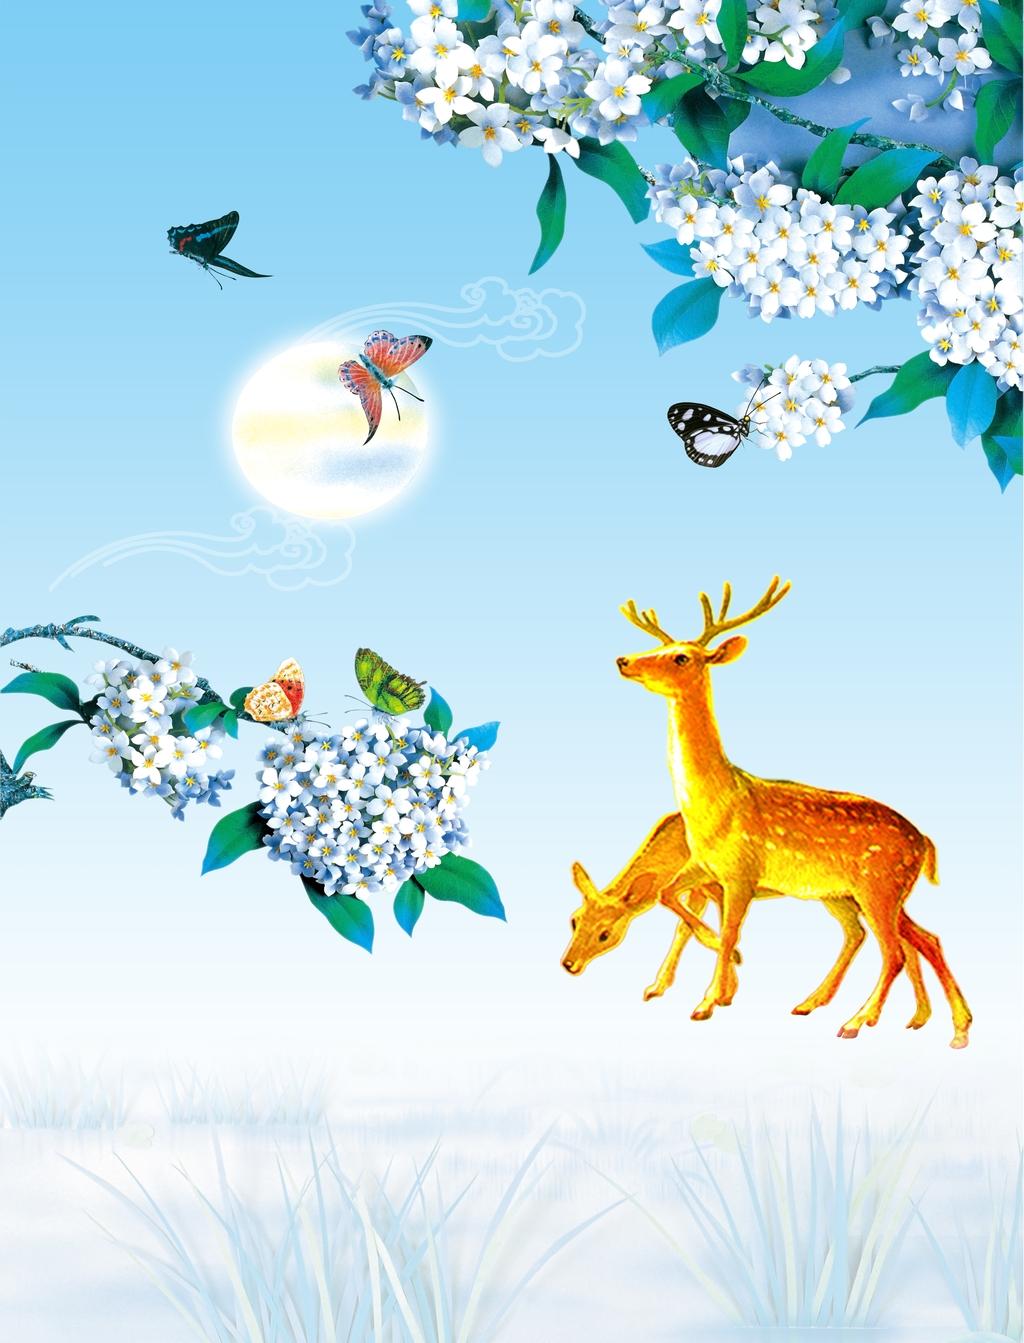 鹿和花手绘背景图